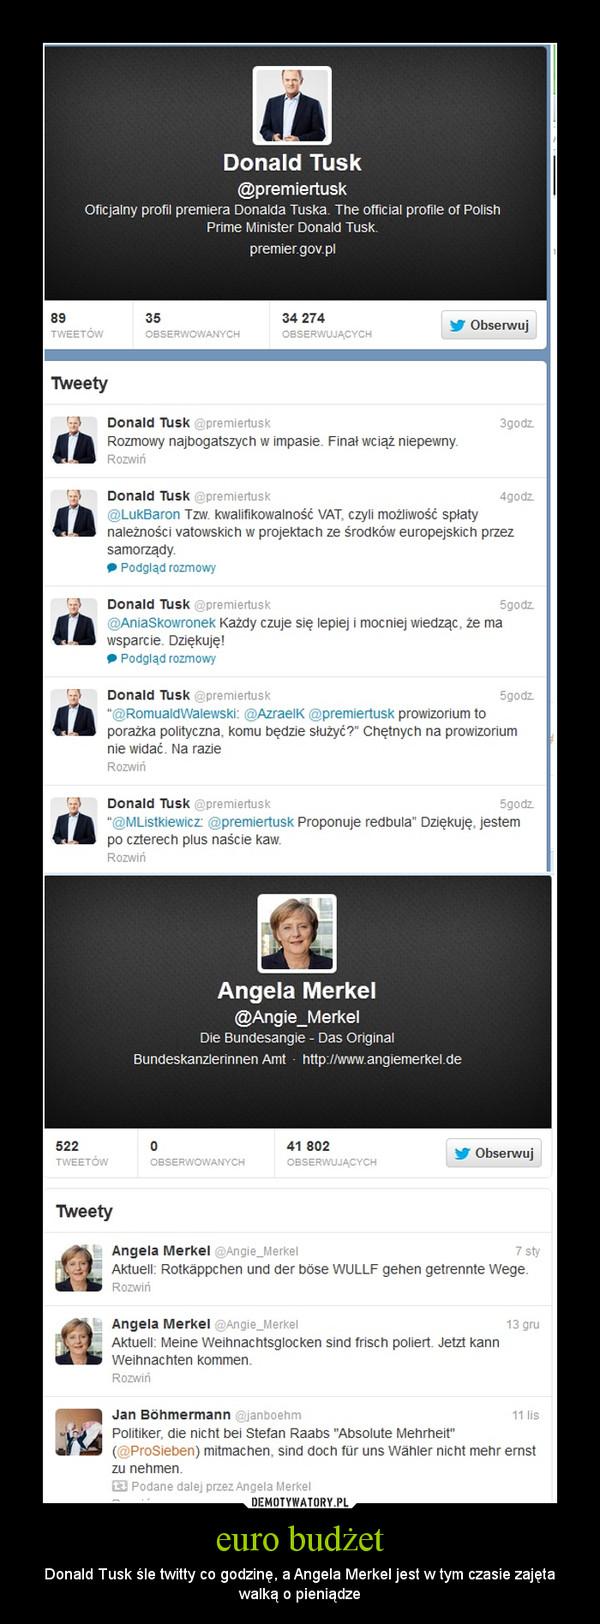 euro budżet – Donald Tusk śle twitty co godzinę, a Angela Merkel jest w tym czasie zajęta walką o pieniądze